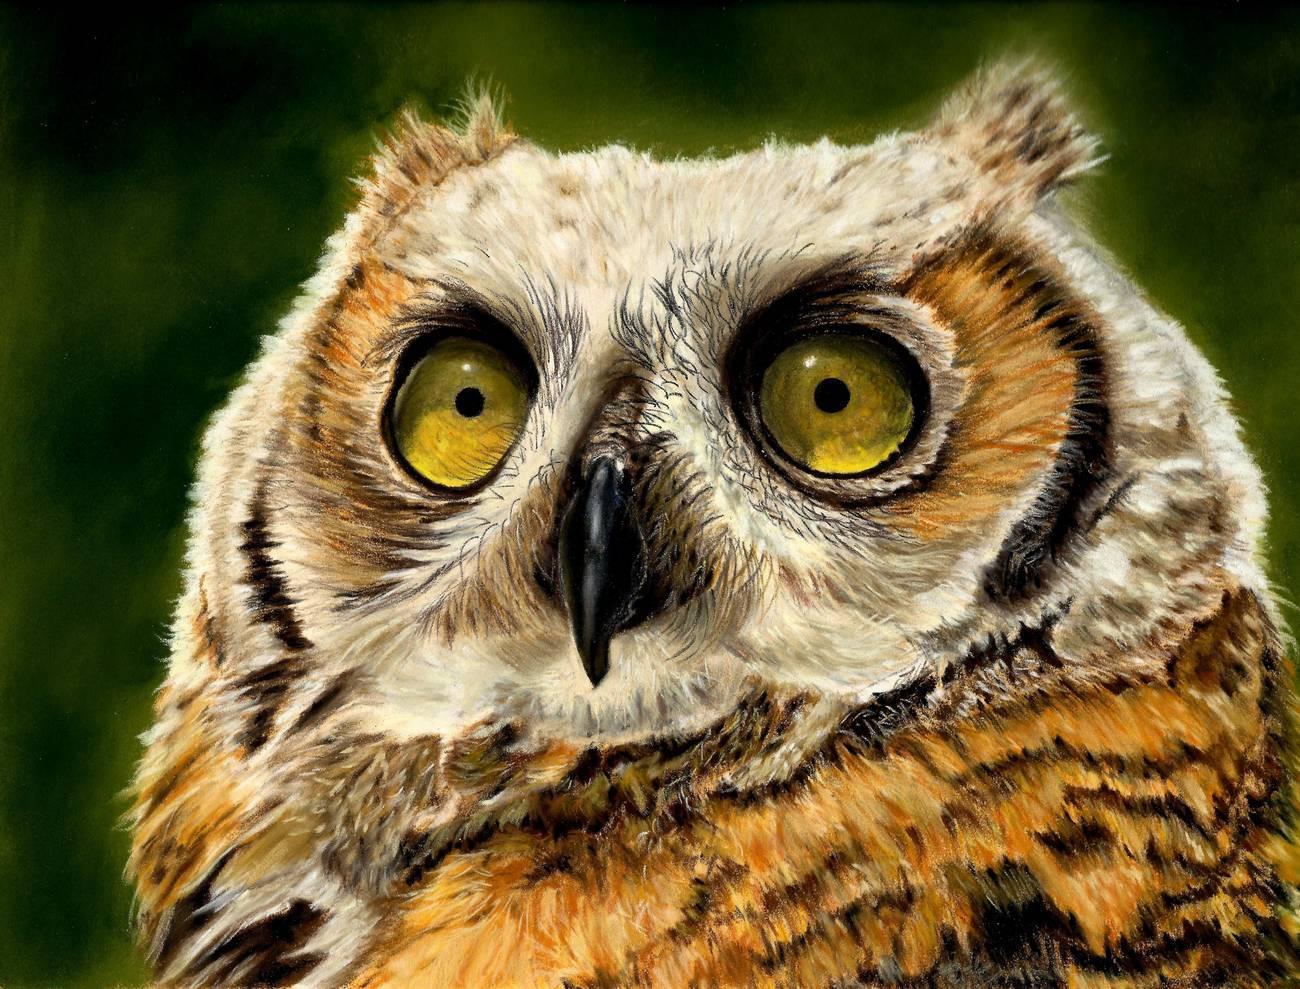 Claudia Jorio - Pride-Juvenile Great Horned Owl - 16x20 - Pastel